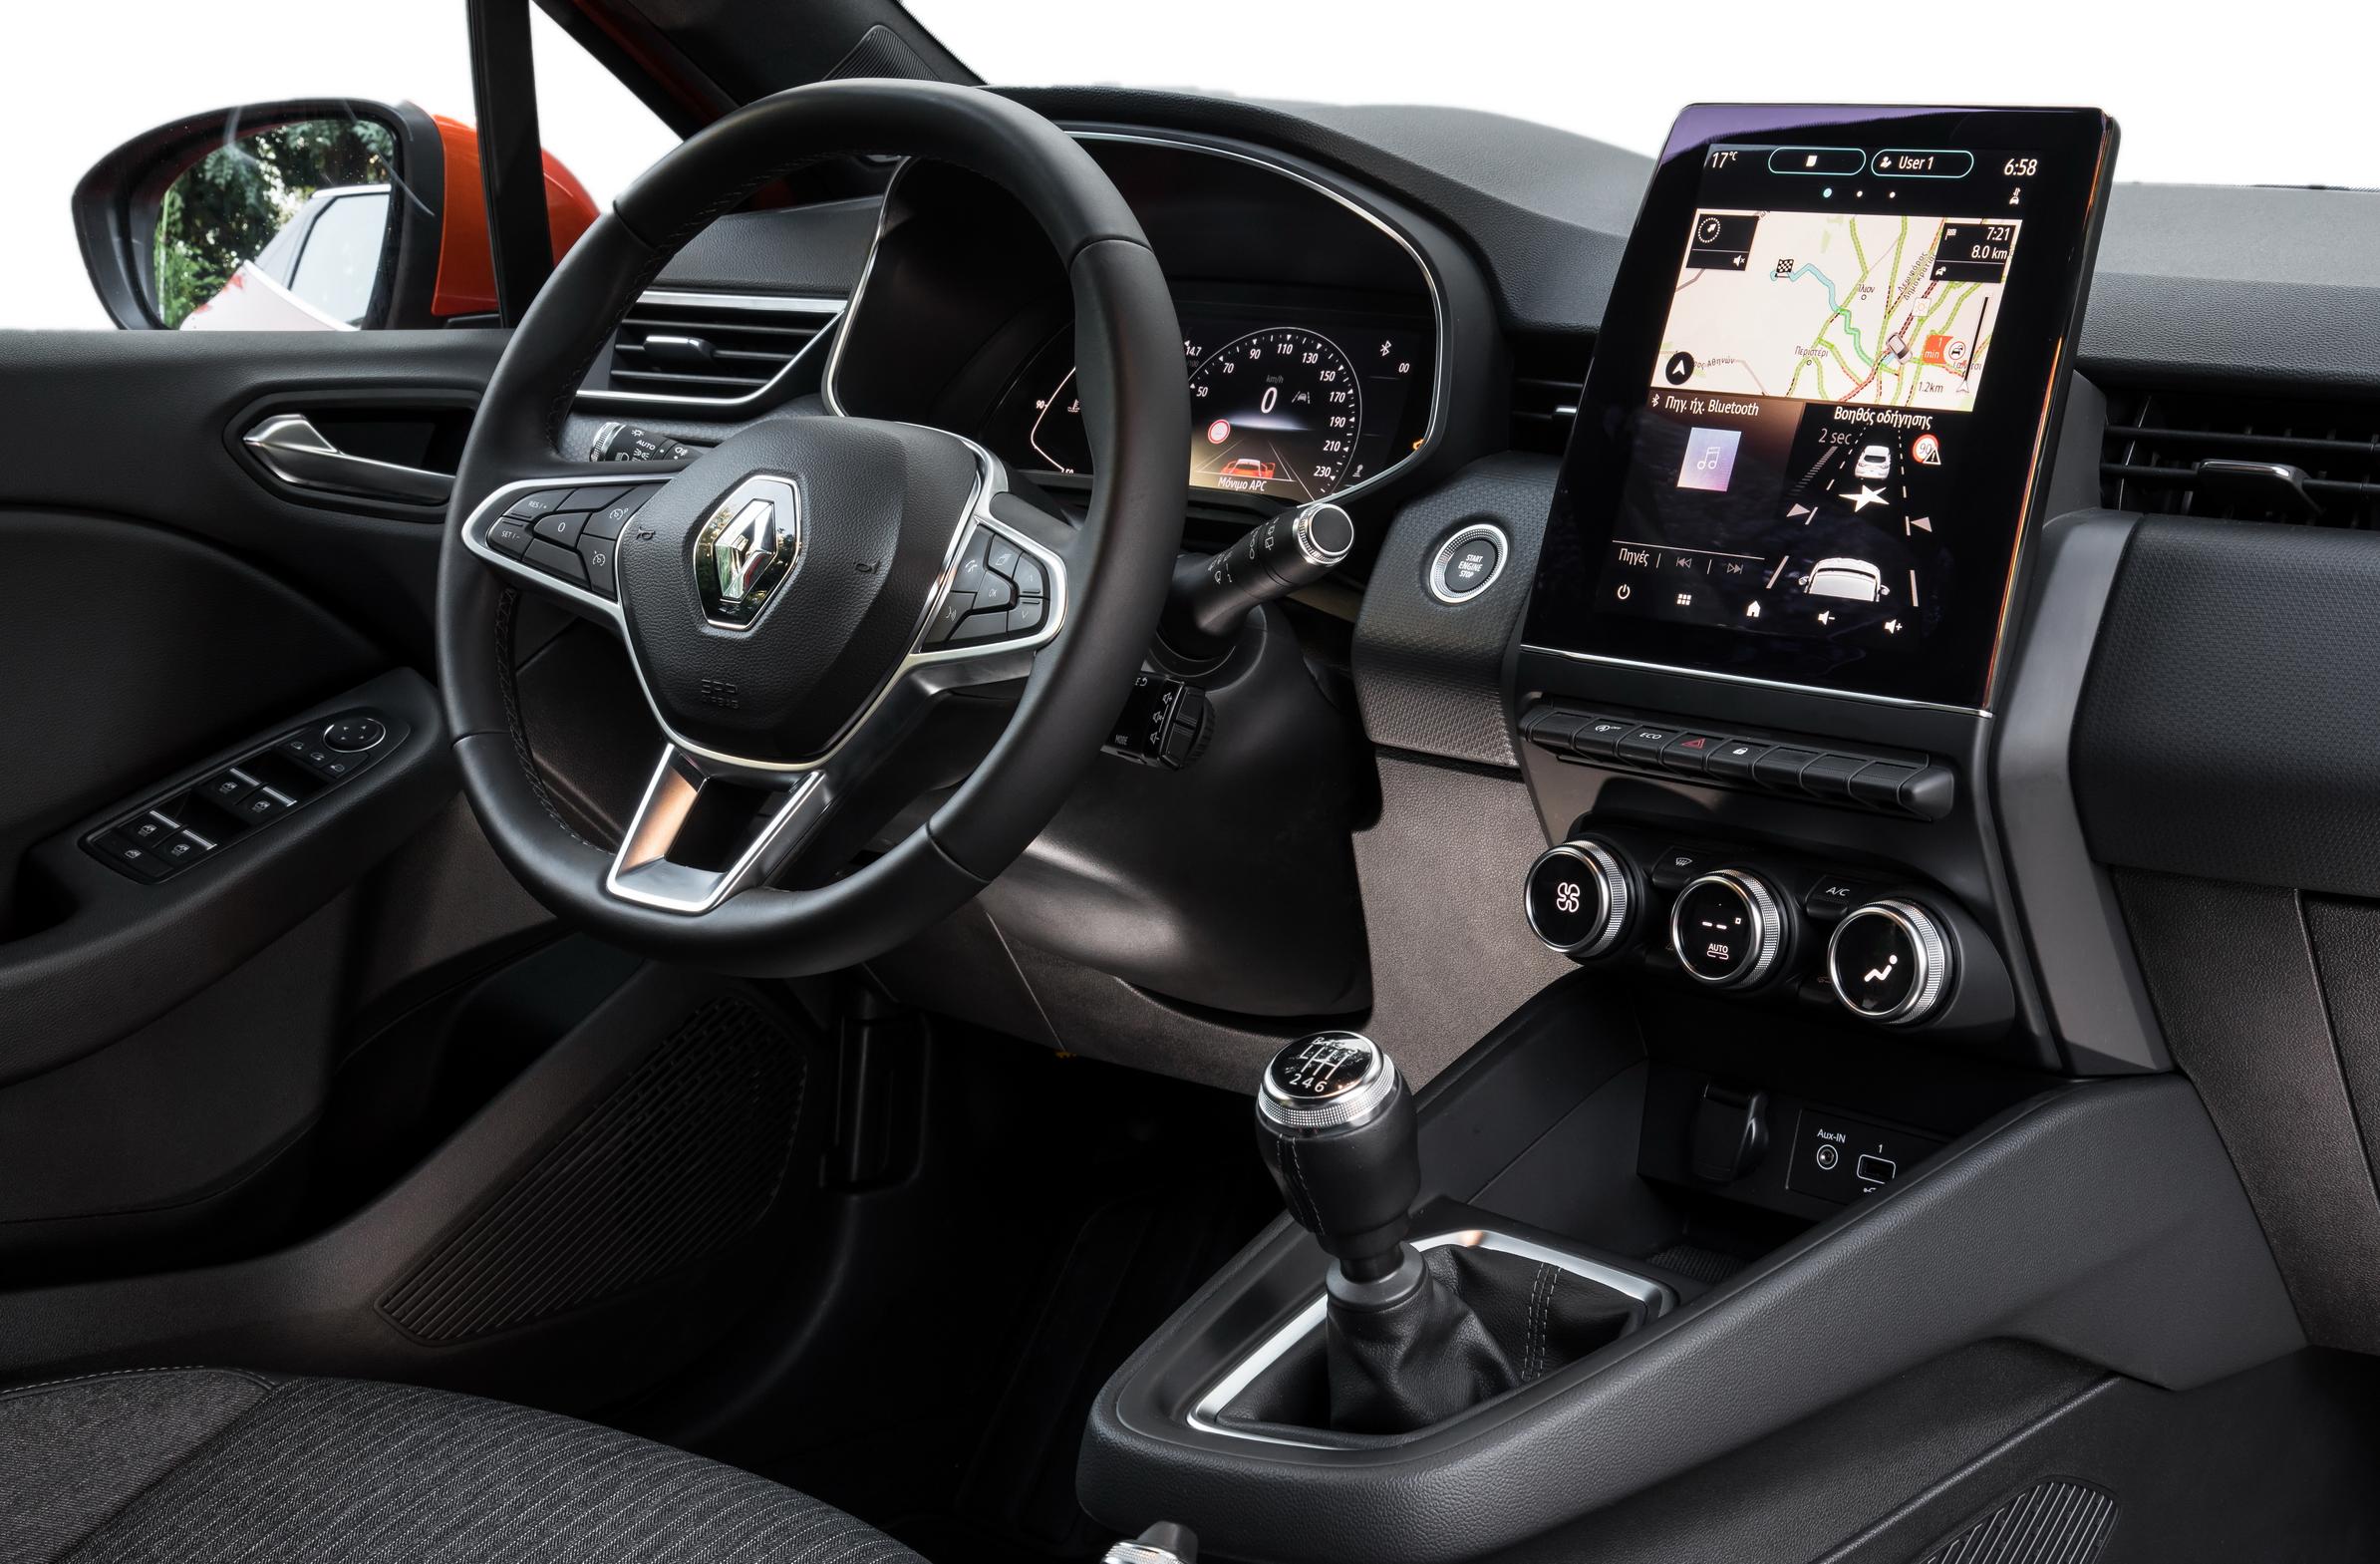 Άμεσα διαθέσιμο το νέο Renault CLIO με τον κινητήρα diesel 1.5 Blue dCi 85hp